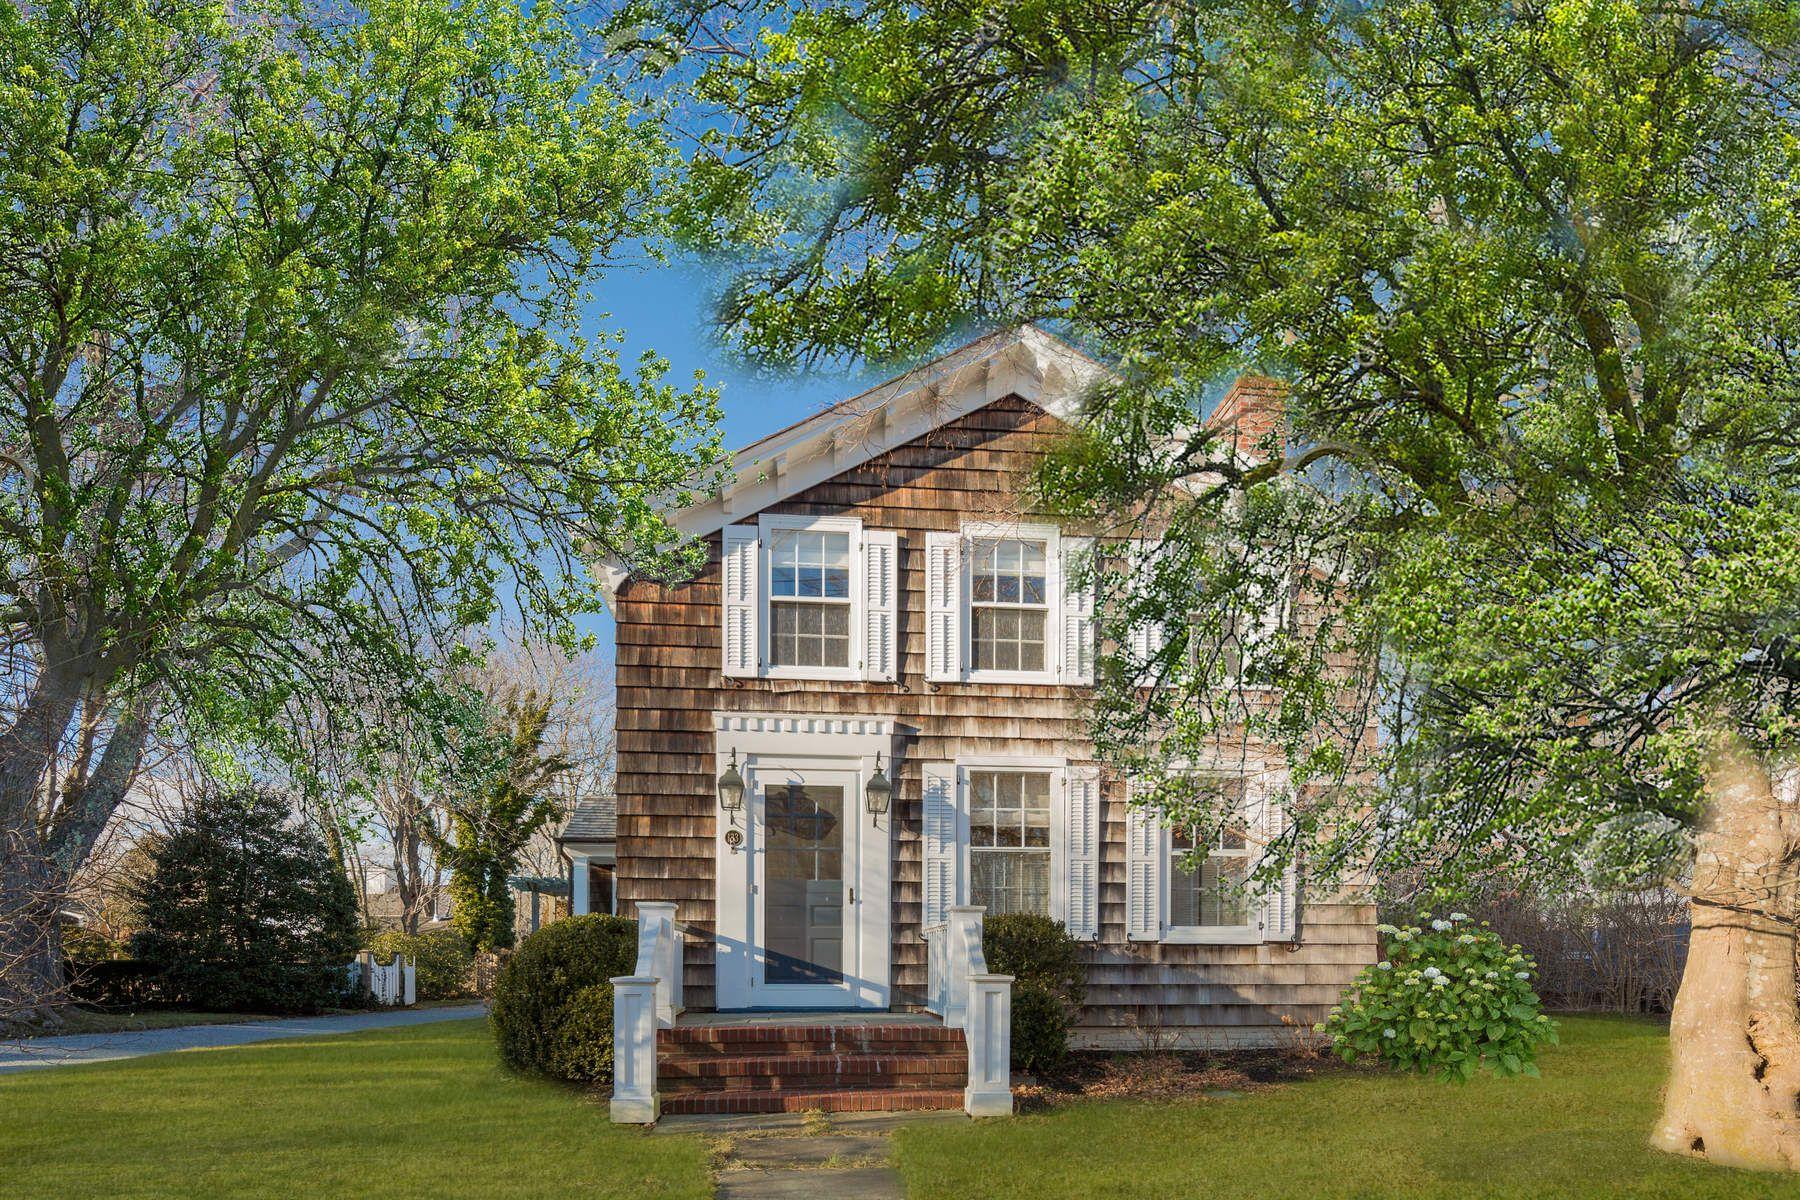 Tek Ailelik Ev için Satış at Sag Harbor Village Renovated Home 133 Jermain Avenue, Sag Harbor, New York, 11963 Amerika Birleşik Devletleri